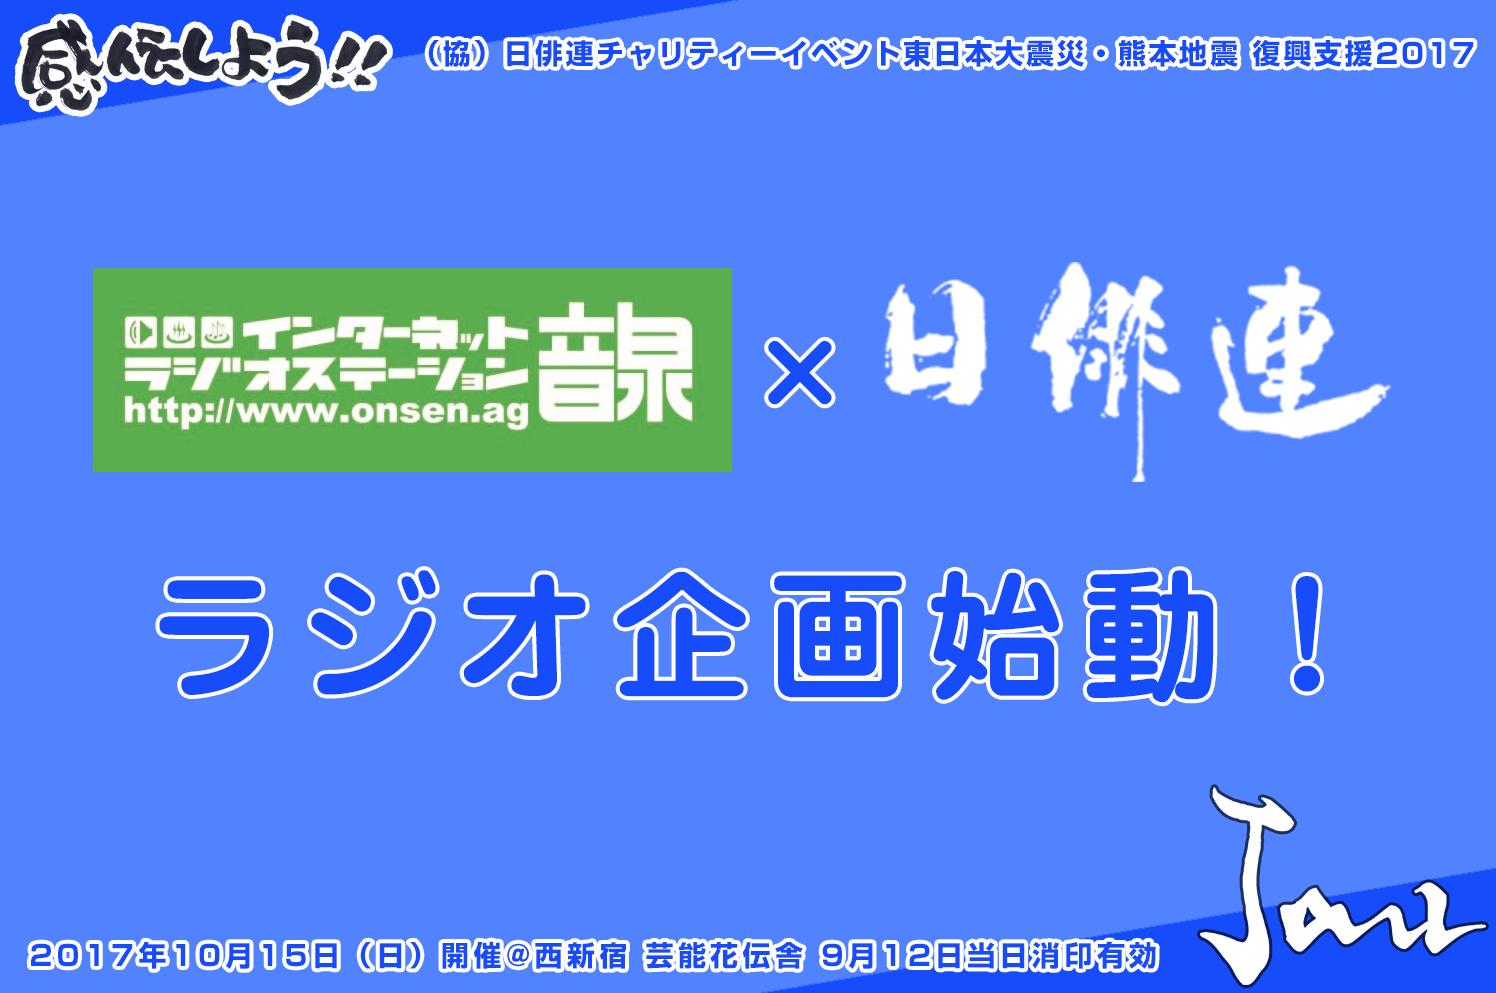 <音泉>さんと日俳連がコラボ!『感伝らじお!!』企画始動!